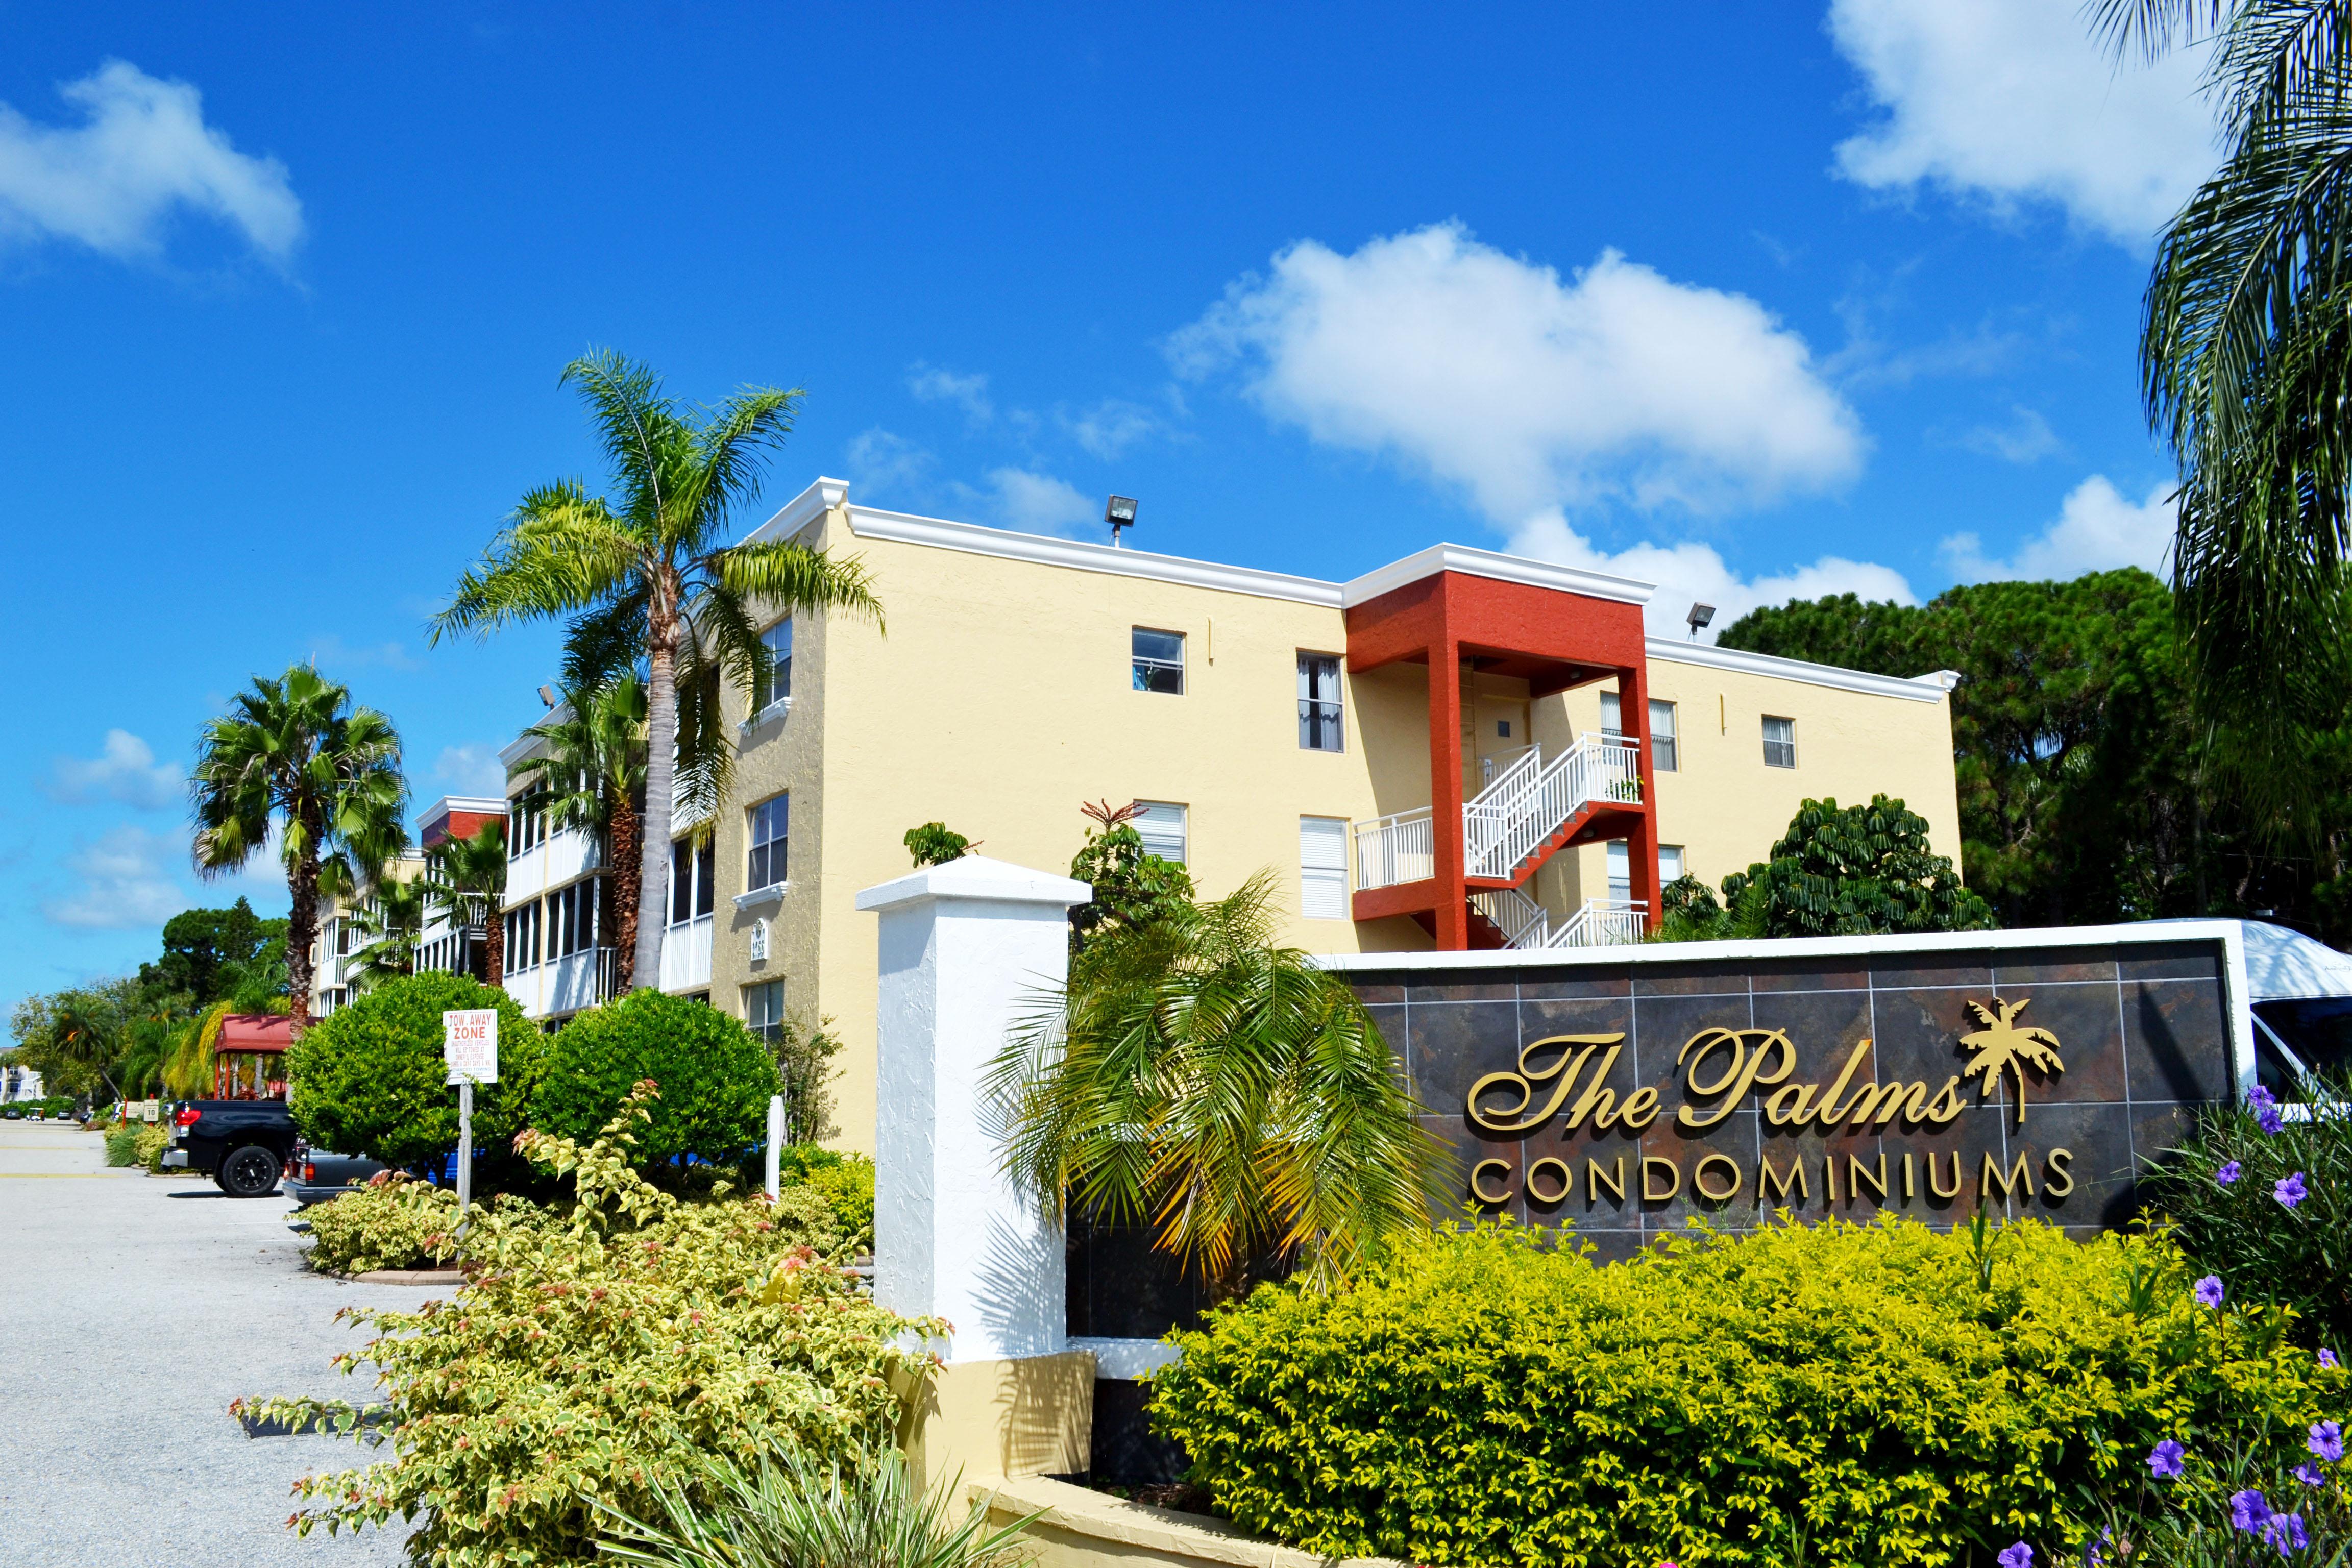 The Palms Condominium